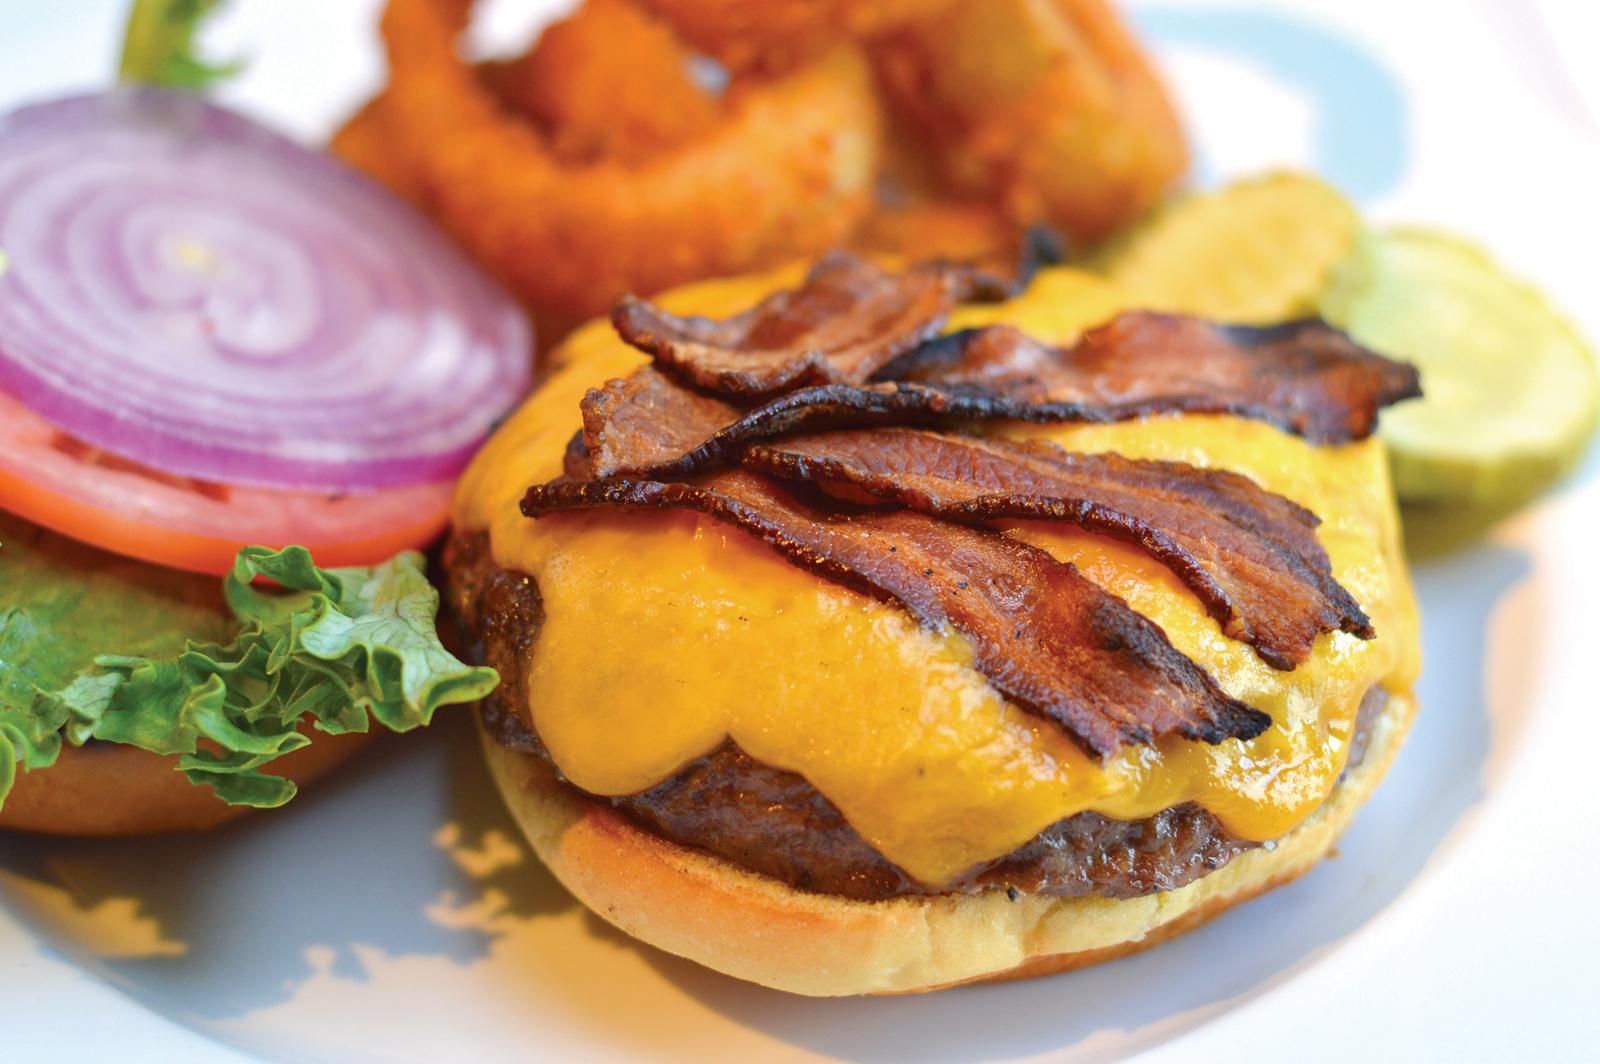 Runyons Burger